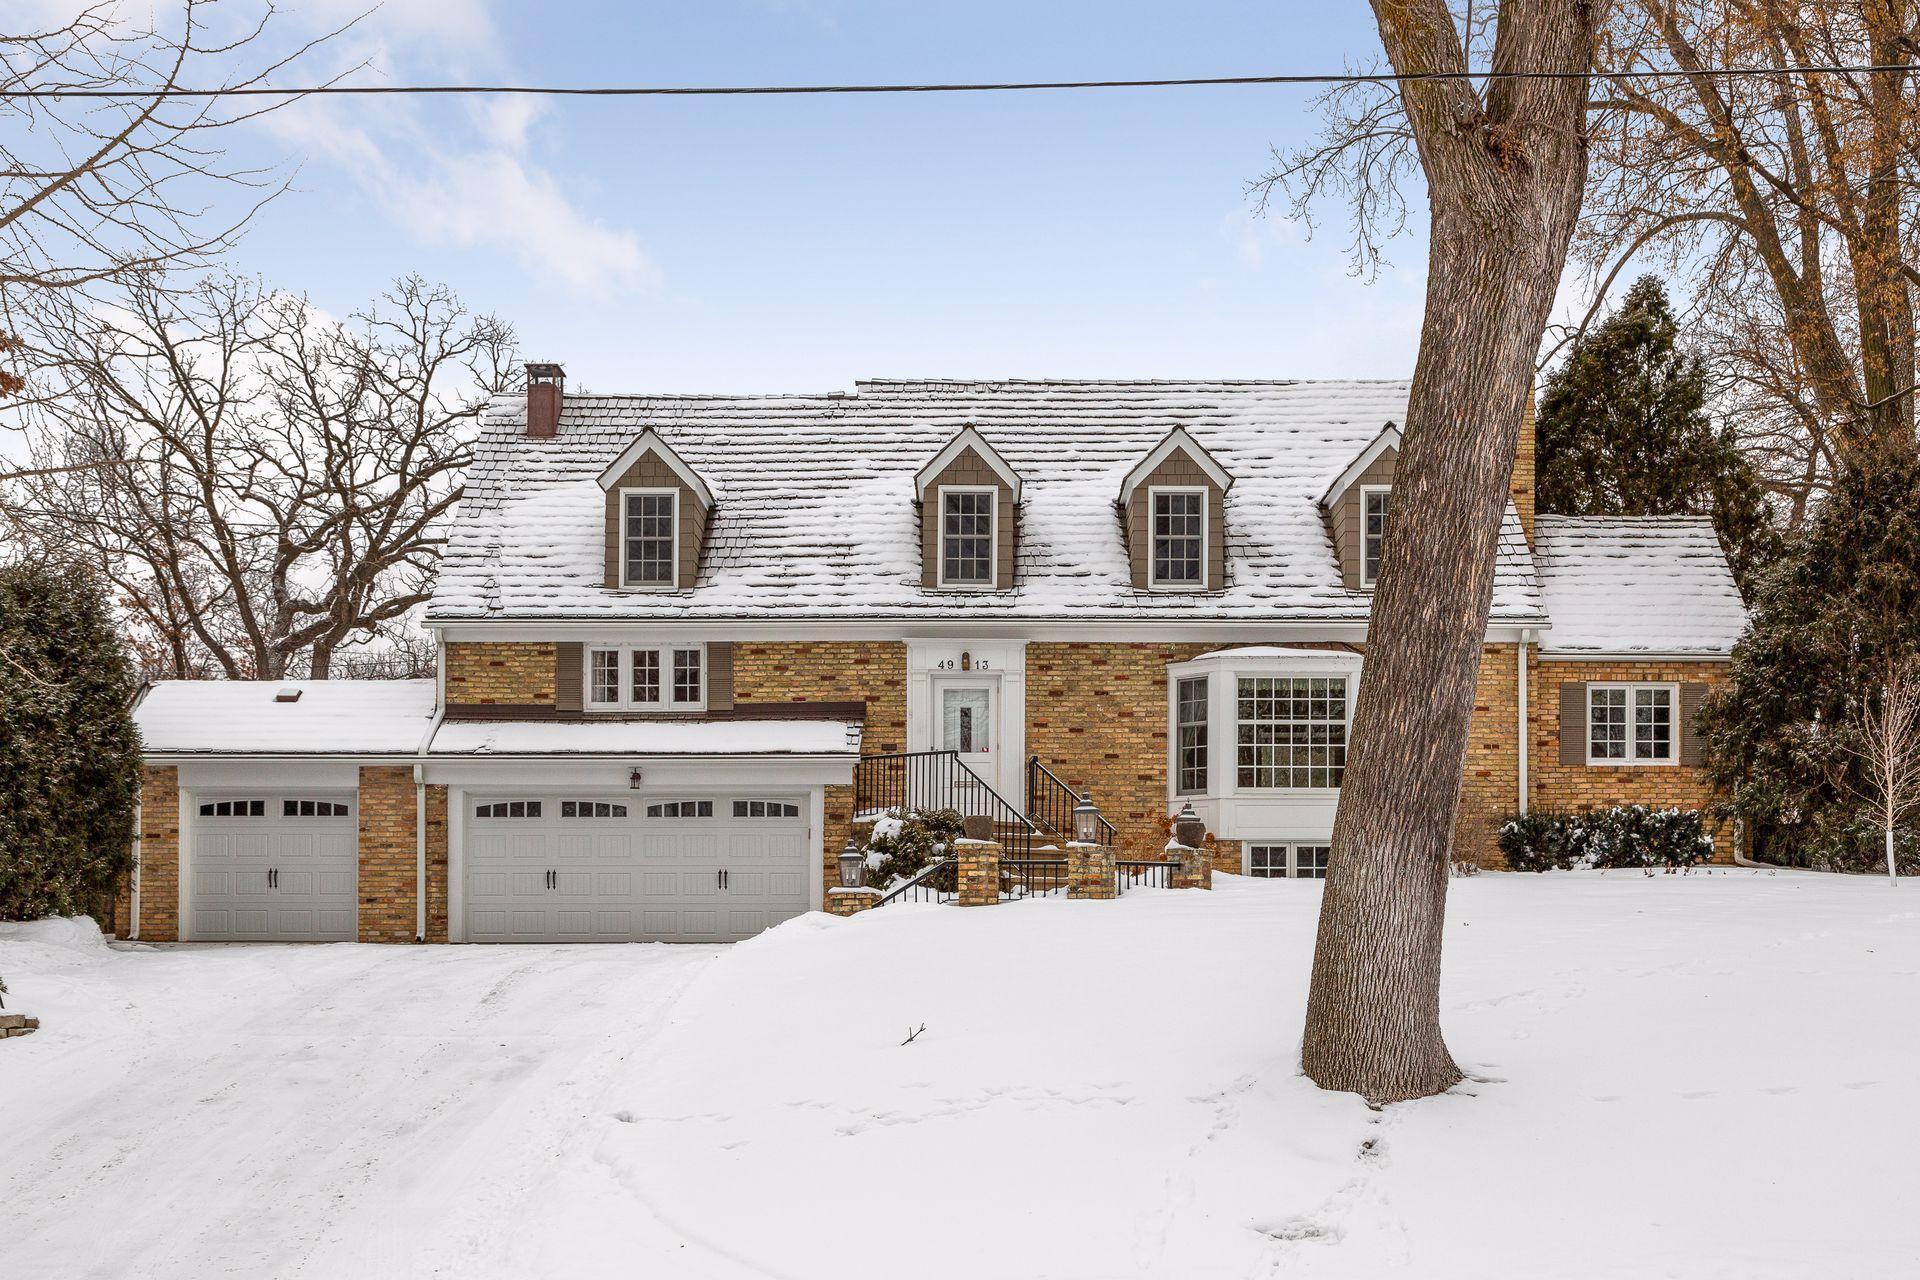 4913 E Sunnyslope Road Property Photo - Edina, MN real estate listing